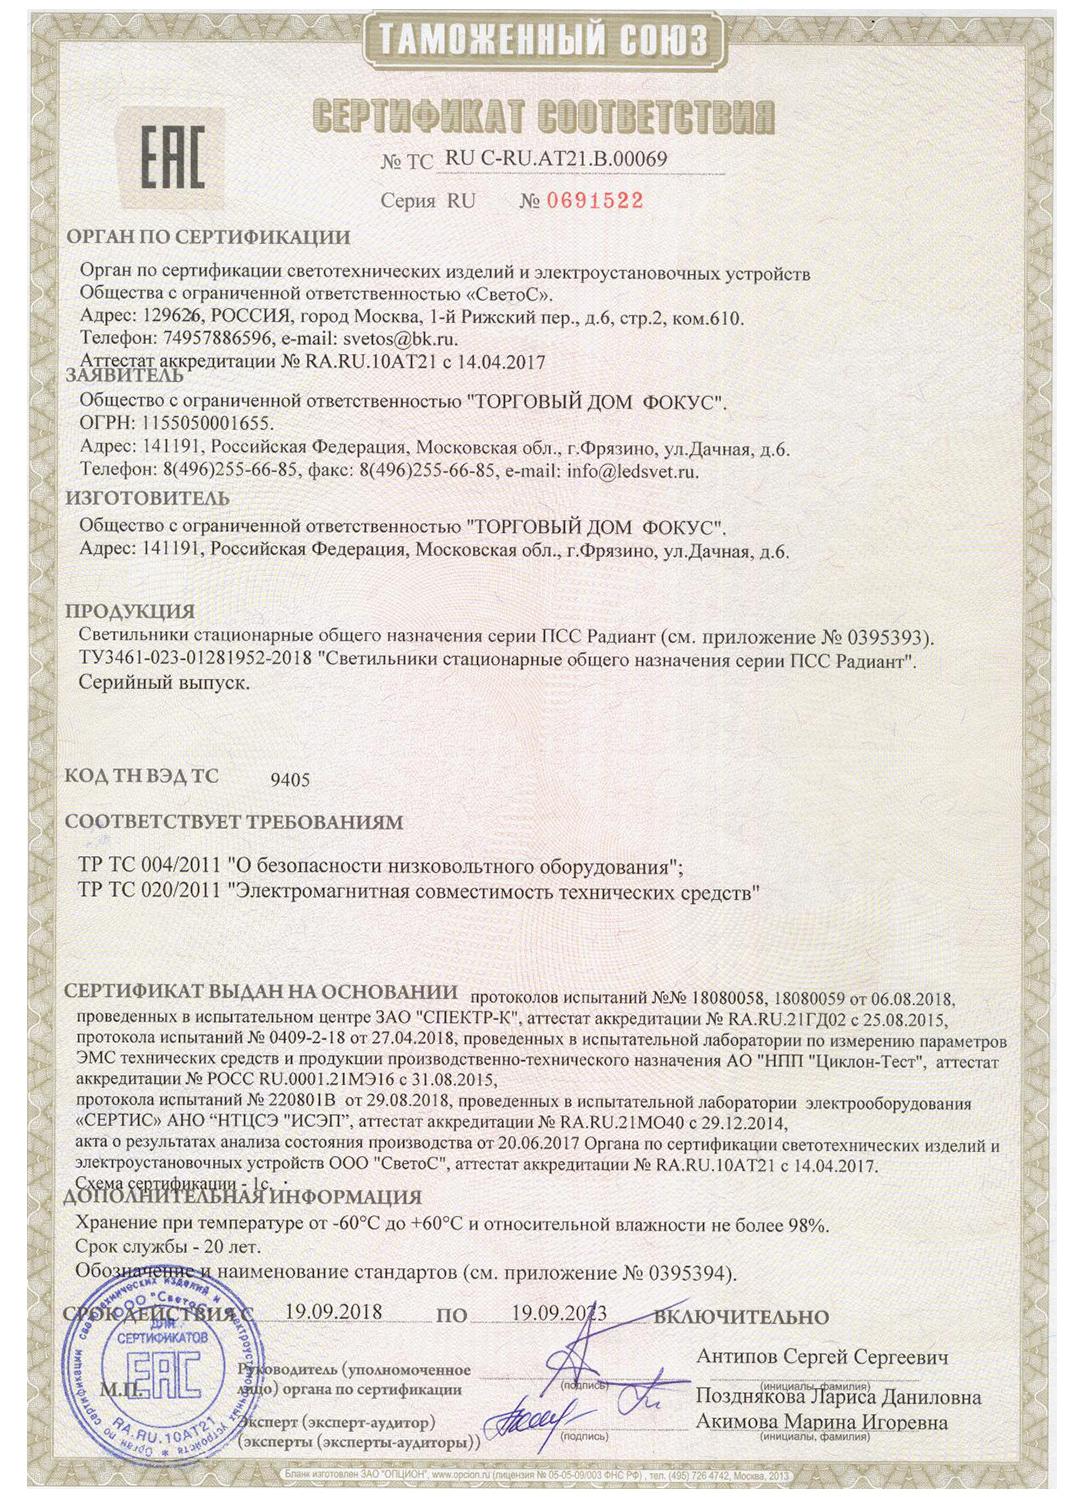 Сертификат соответствия Таможенного союза на светильники ПСС Радиант